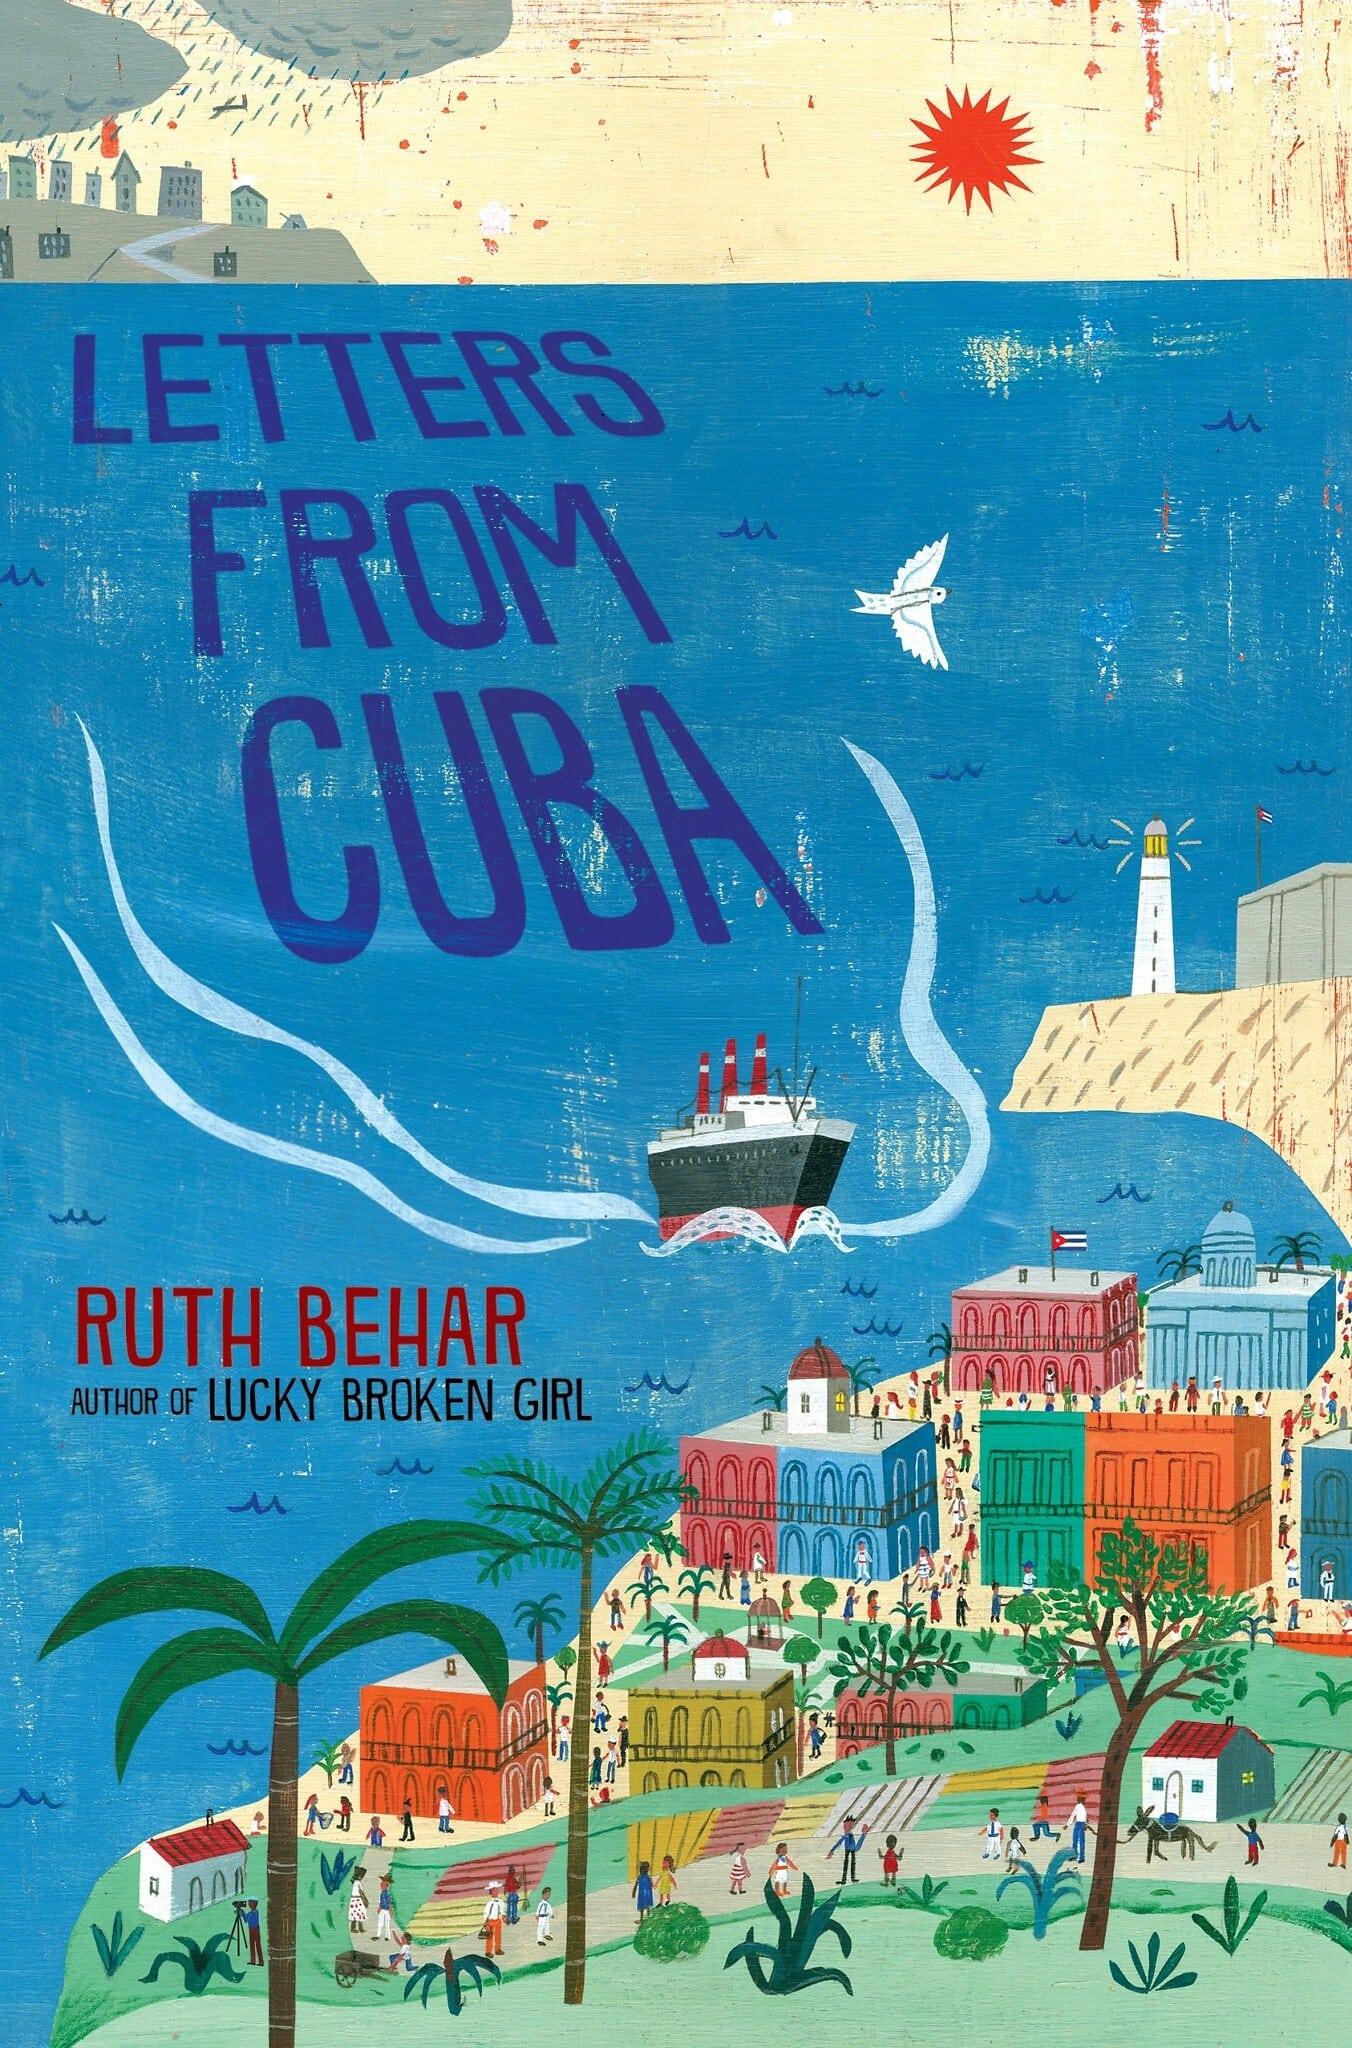 """כריכת הספר """"מכתבים מקובה"""" מאת רות בהר (צילום: Nancy Paulsen Books)"""